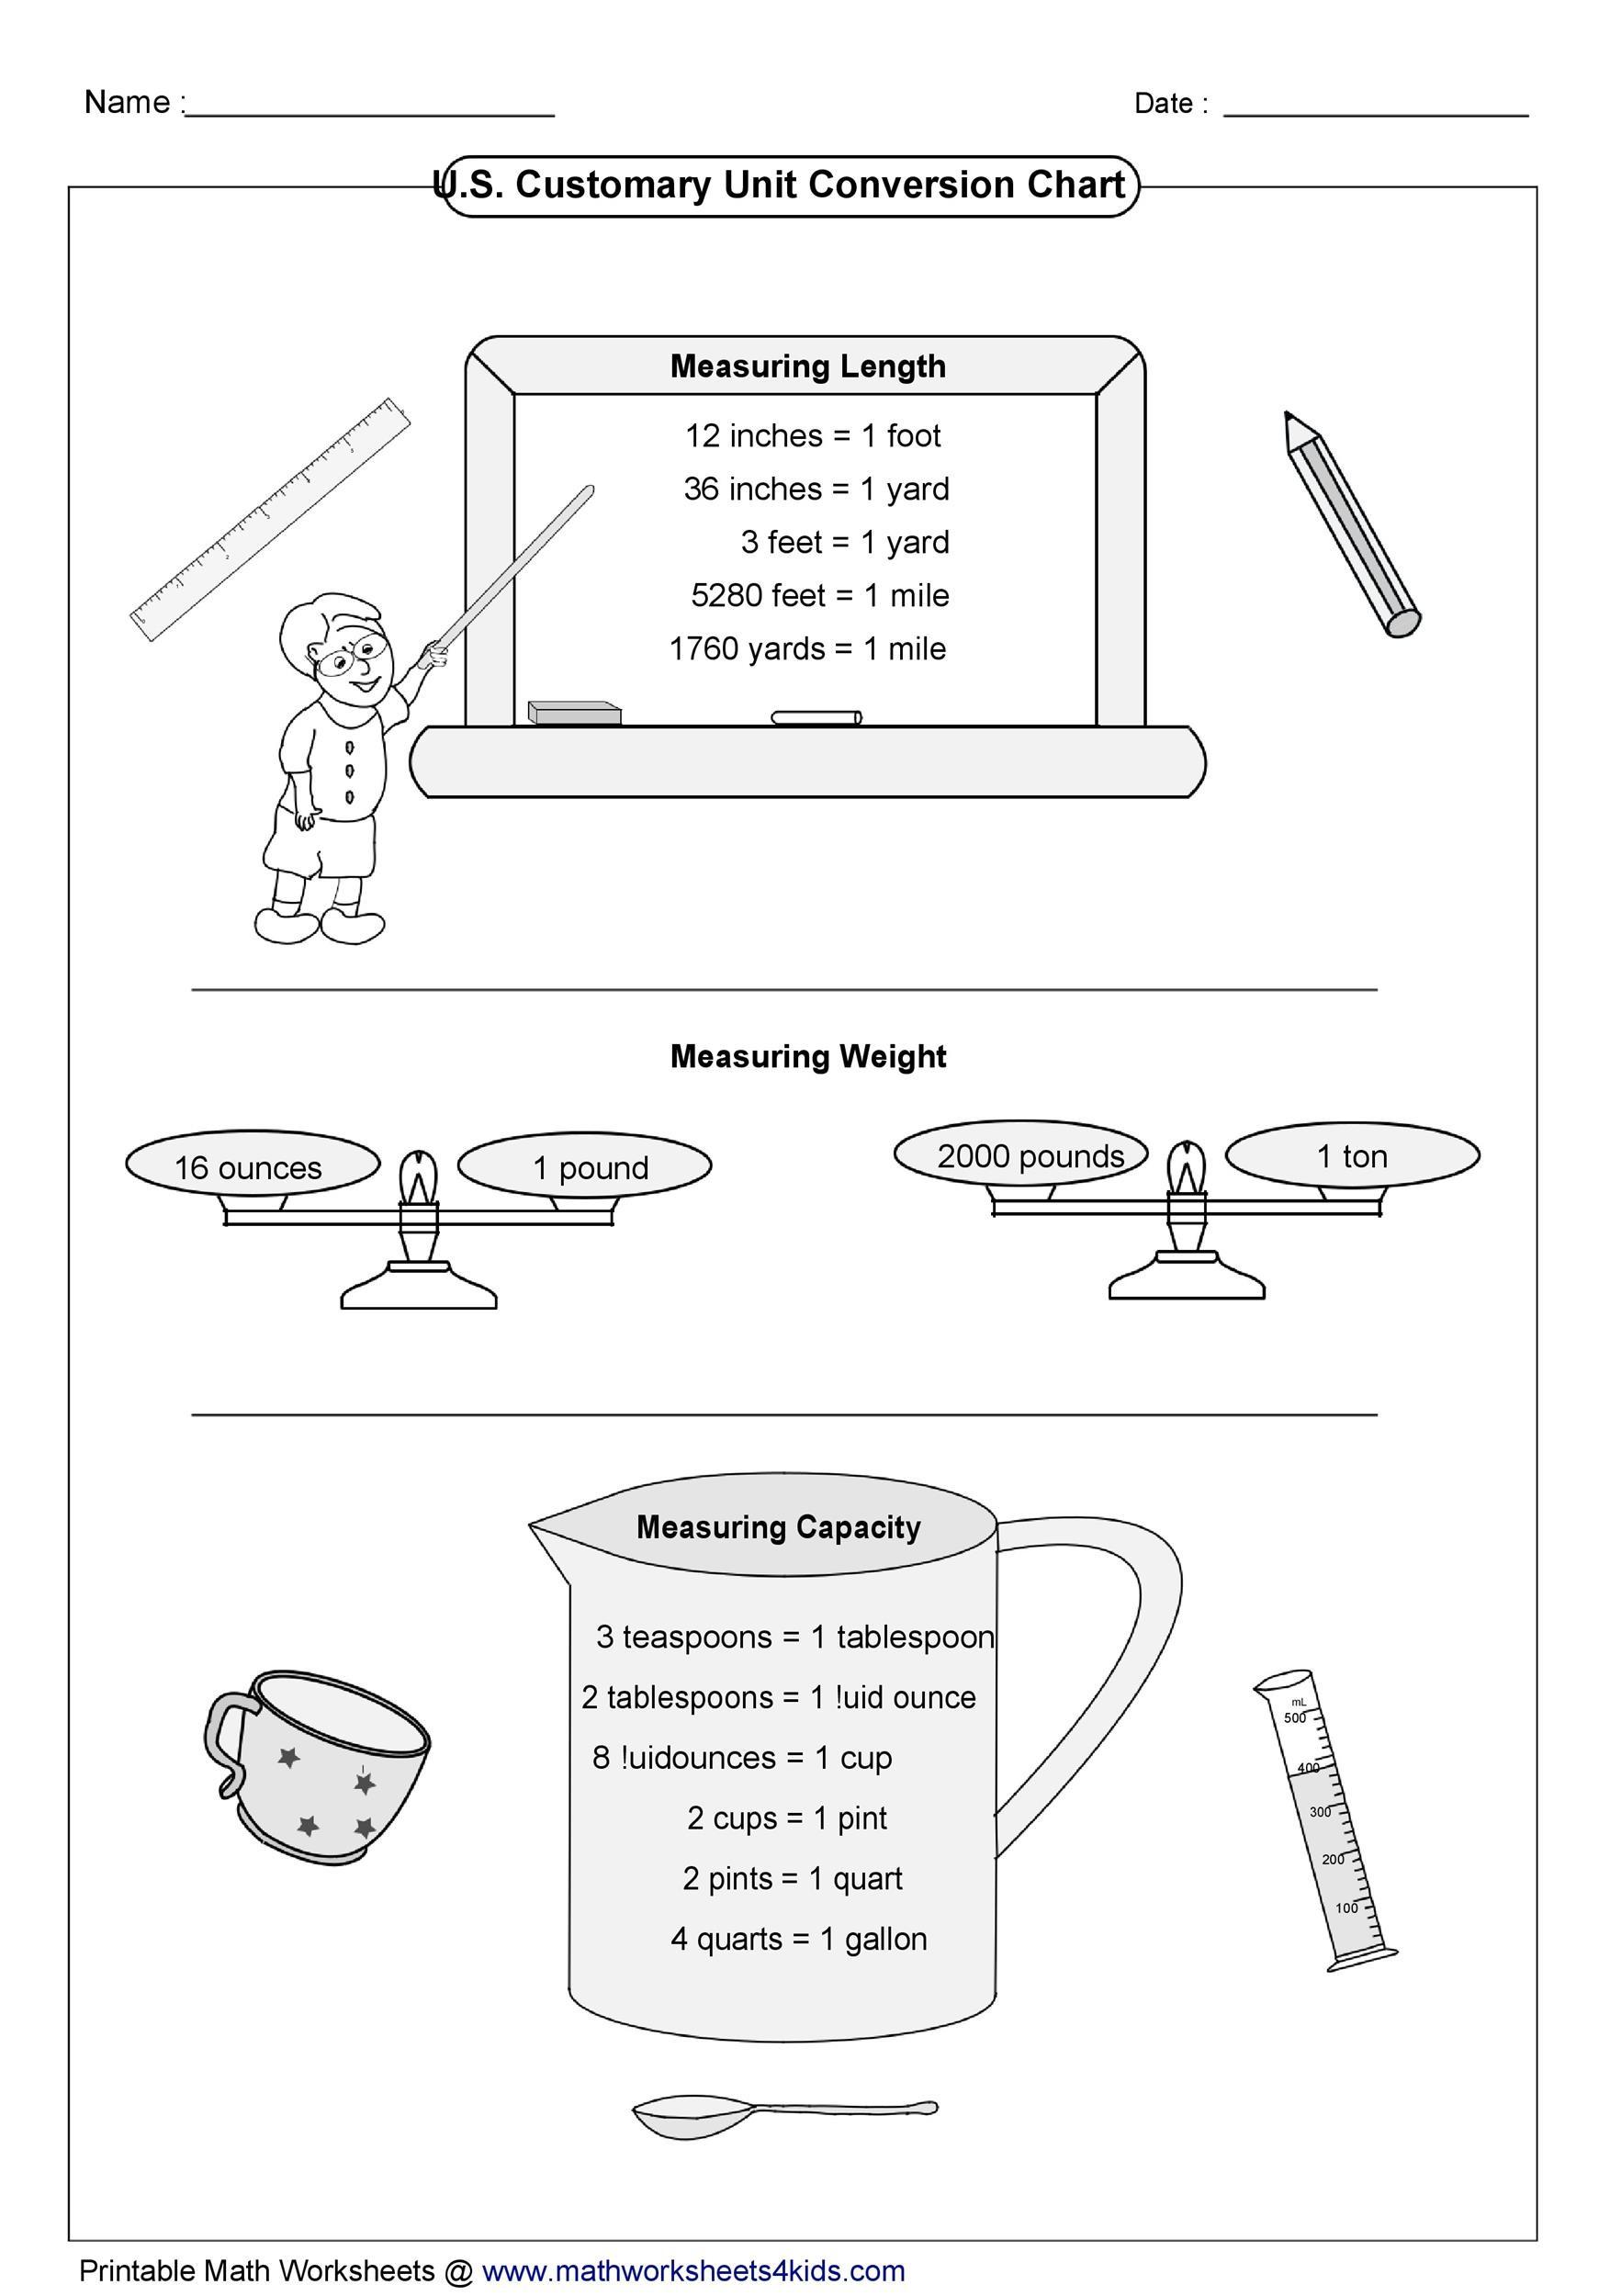 Free liquid measurements chart 18